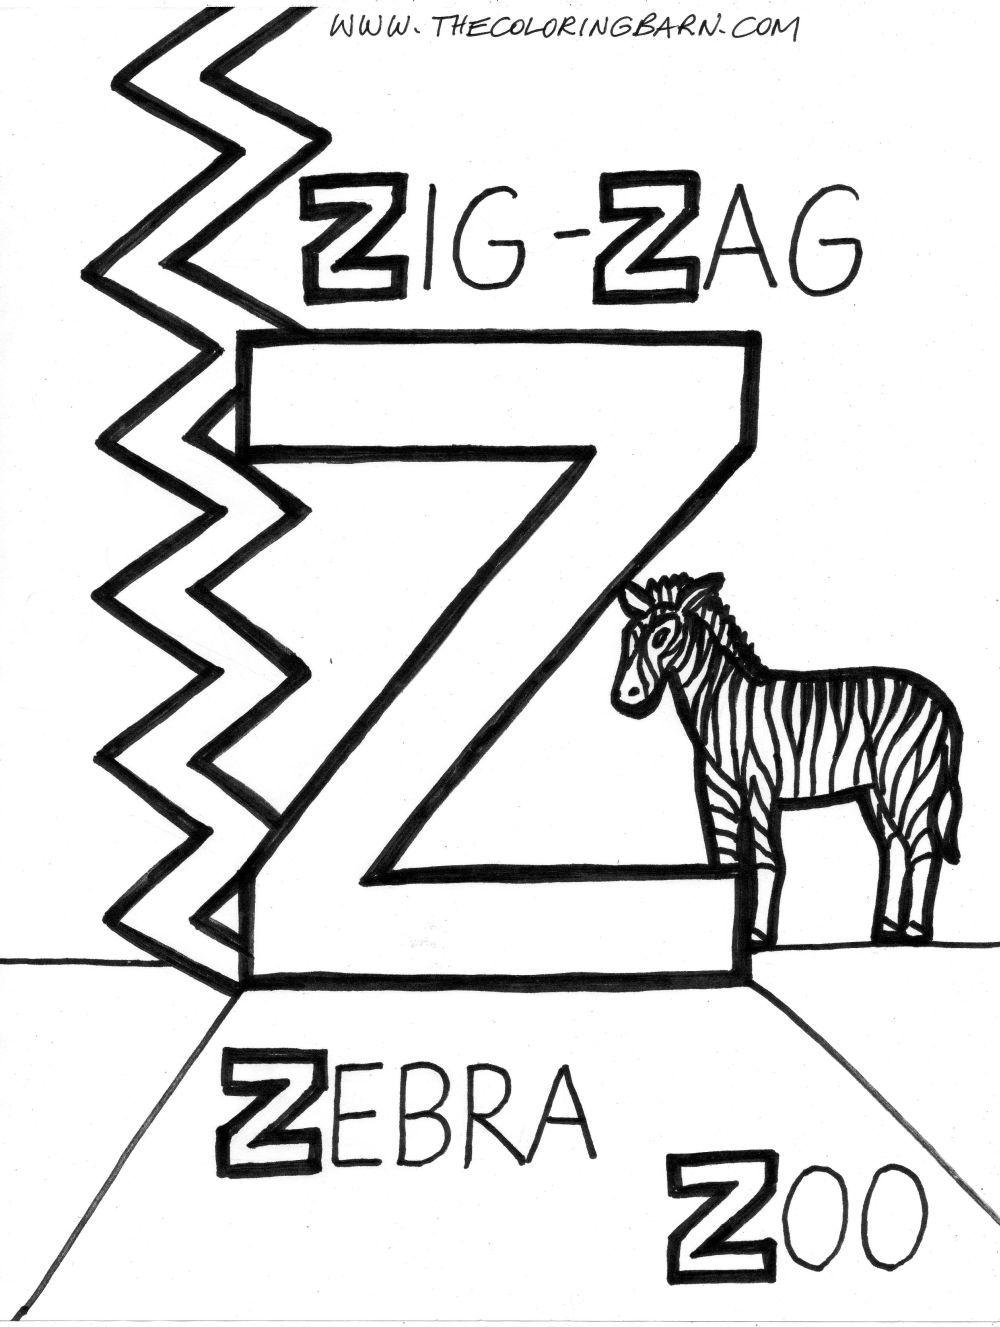 Alphabet Coloring Pages Alphabet Coloring Letter Z [ 1327 x 1000 Pixel ]